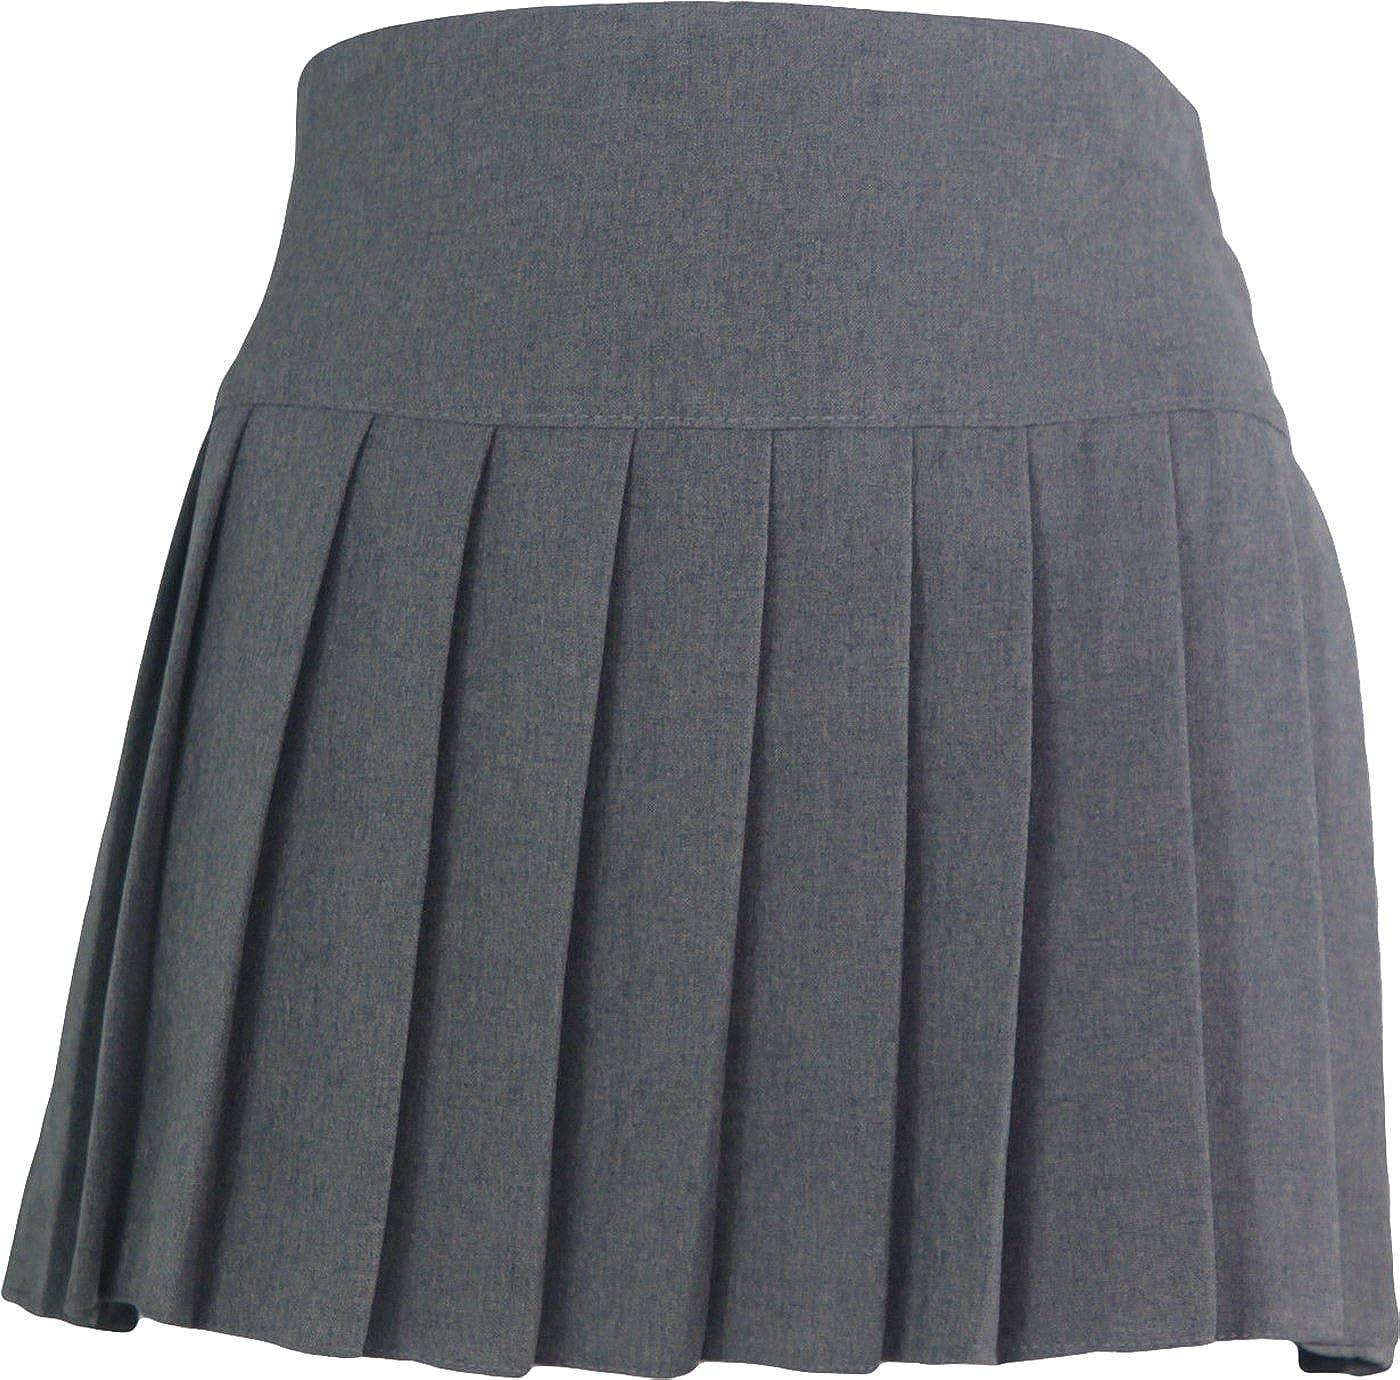 School Uniform High Waist Girls Skirt Only Uniform/® UK